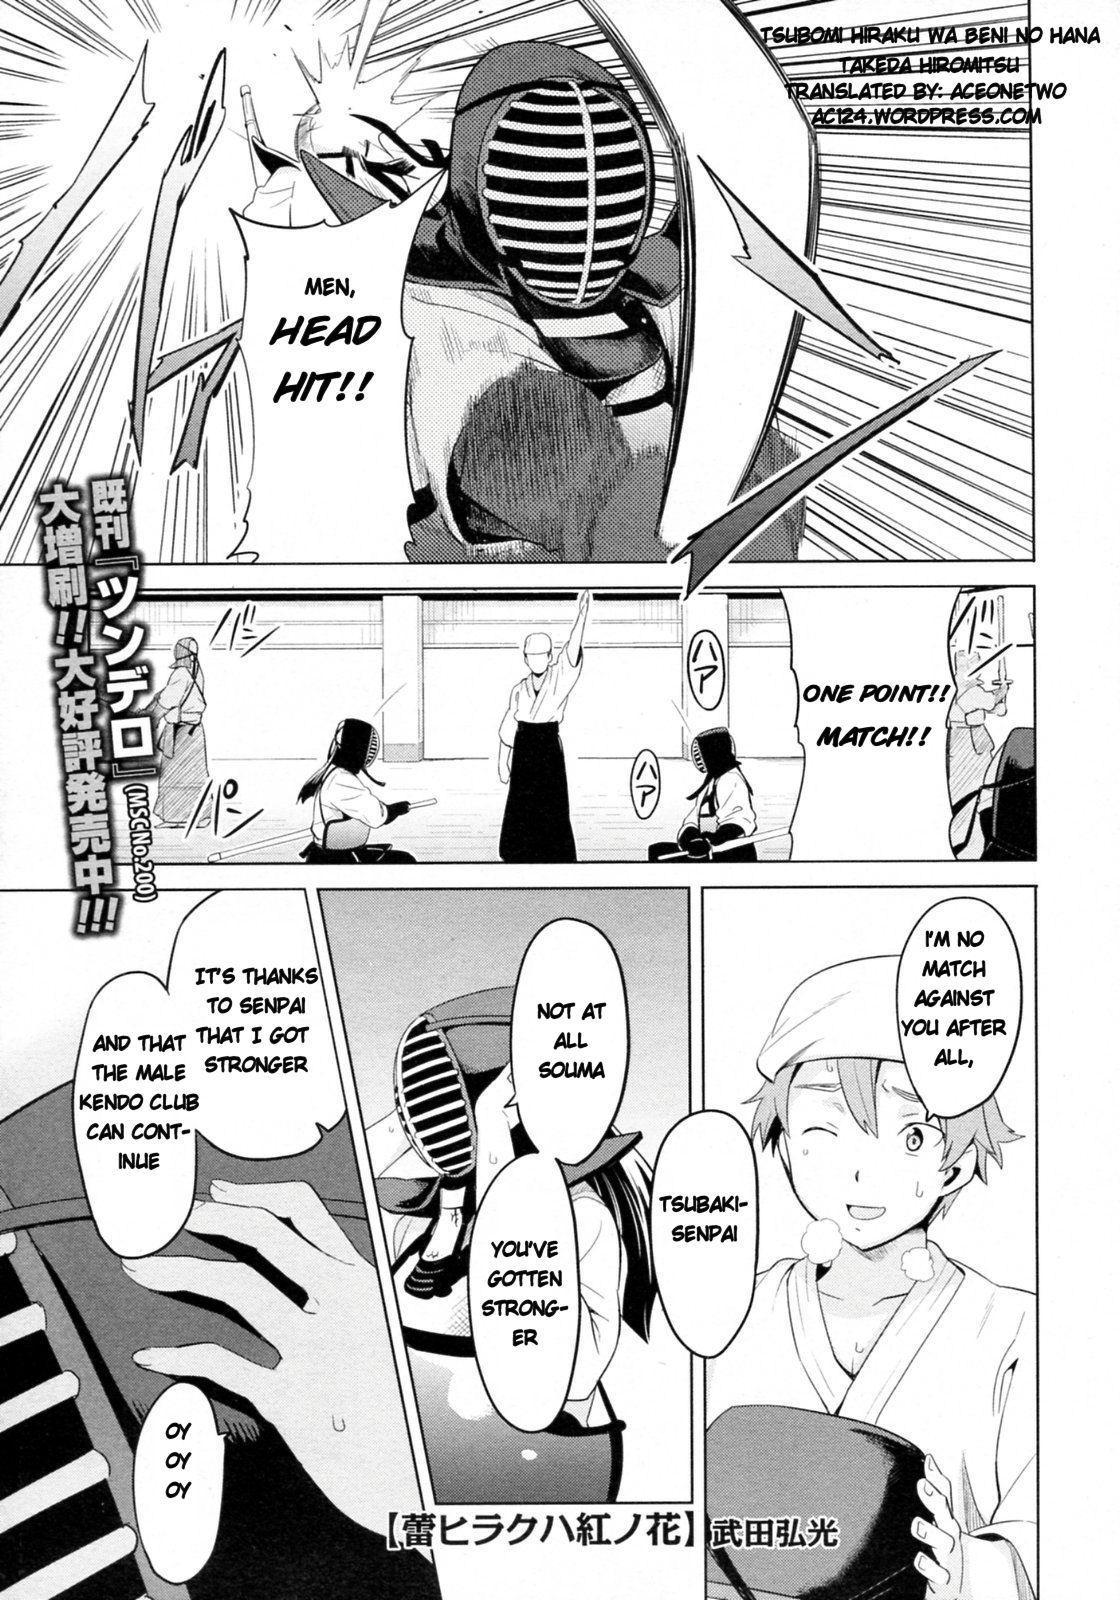 Tsubomi Hiraku wa Beni no Hana 0